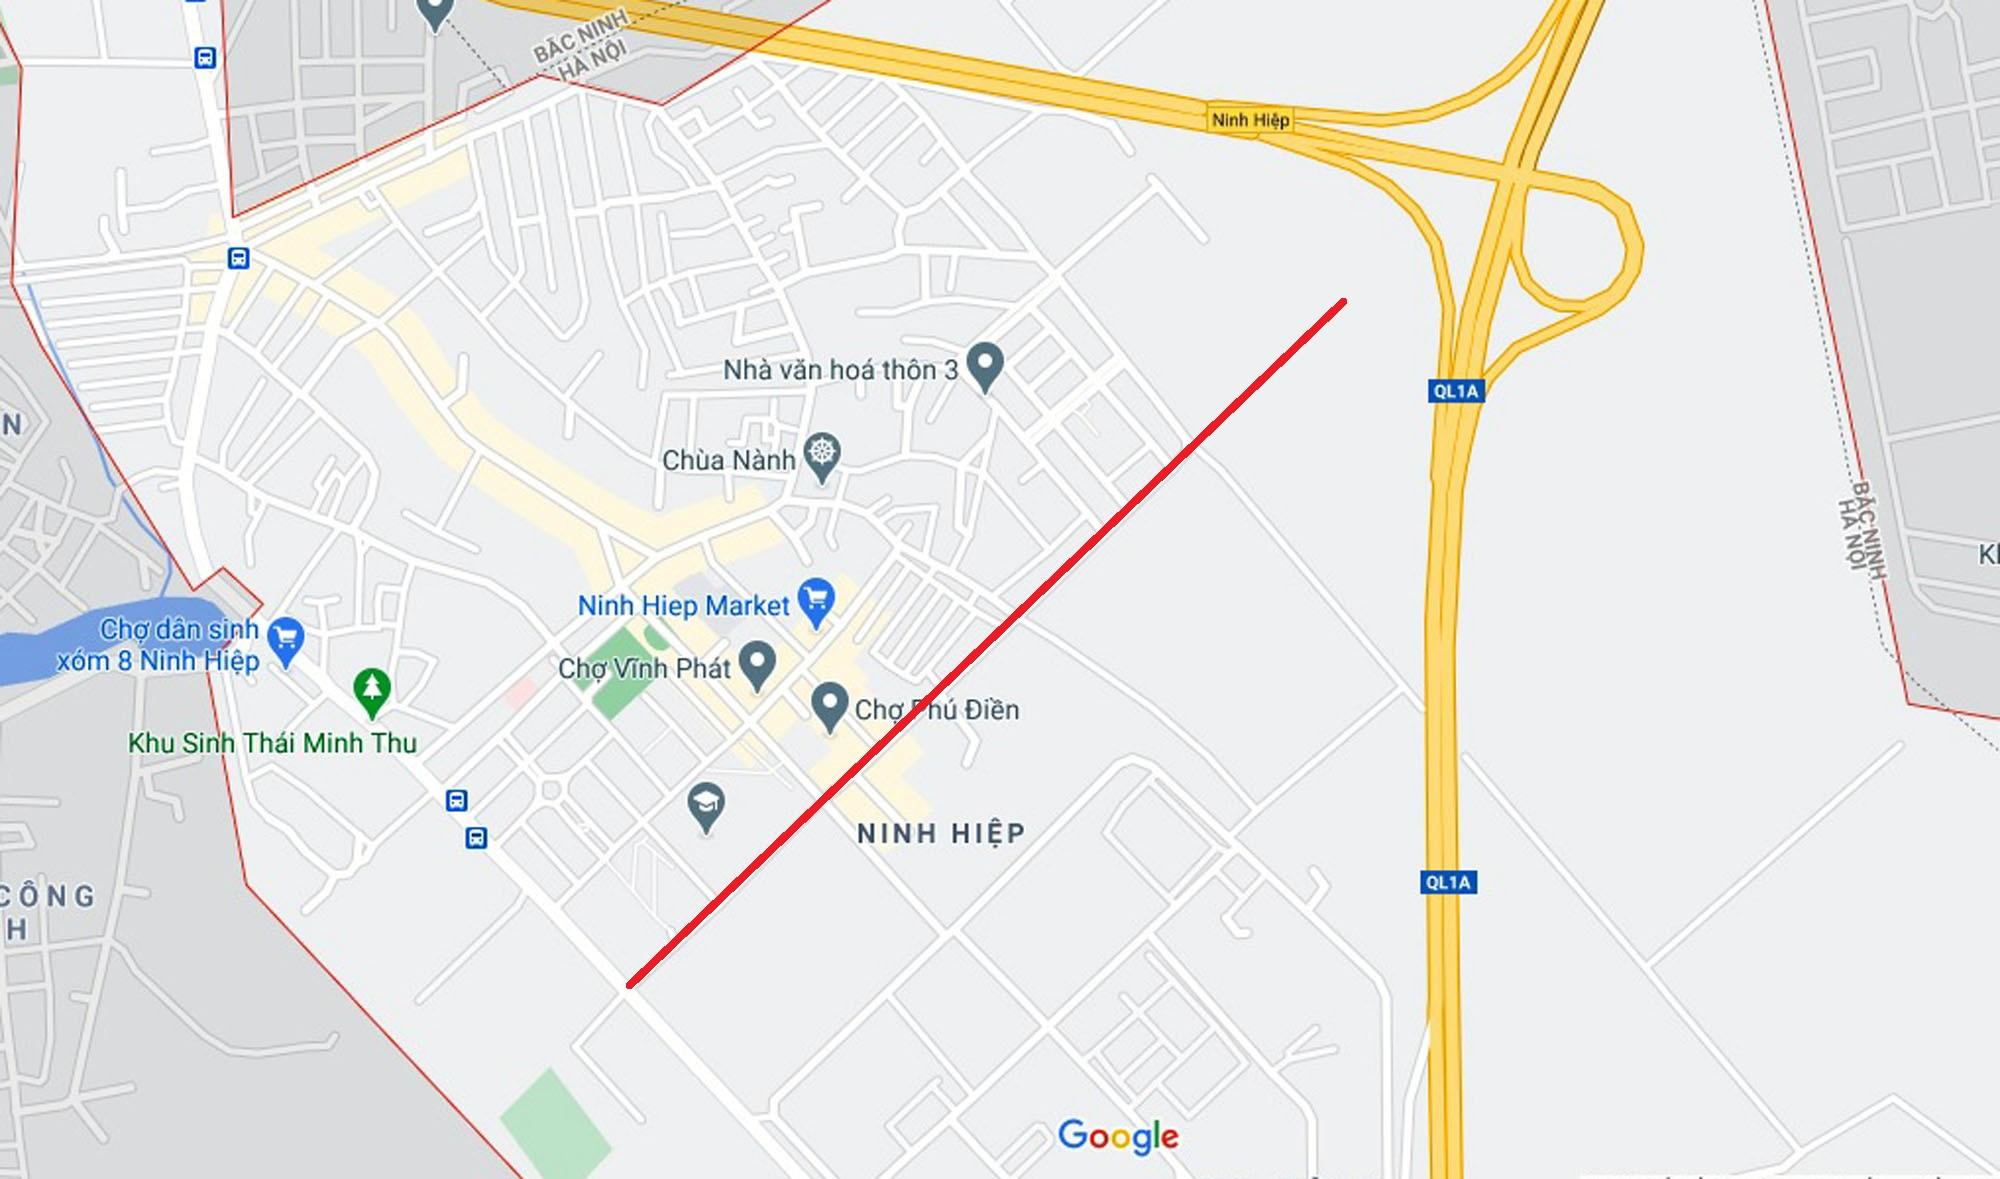 Ba đường sẽ mở theo quy hoạch ở xã Ninh Hiệp, Gia Lâm, Hà Nội - Ảnh 2.